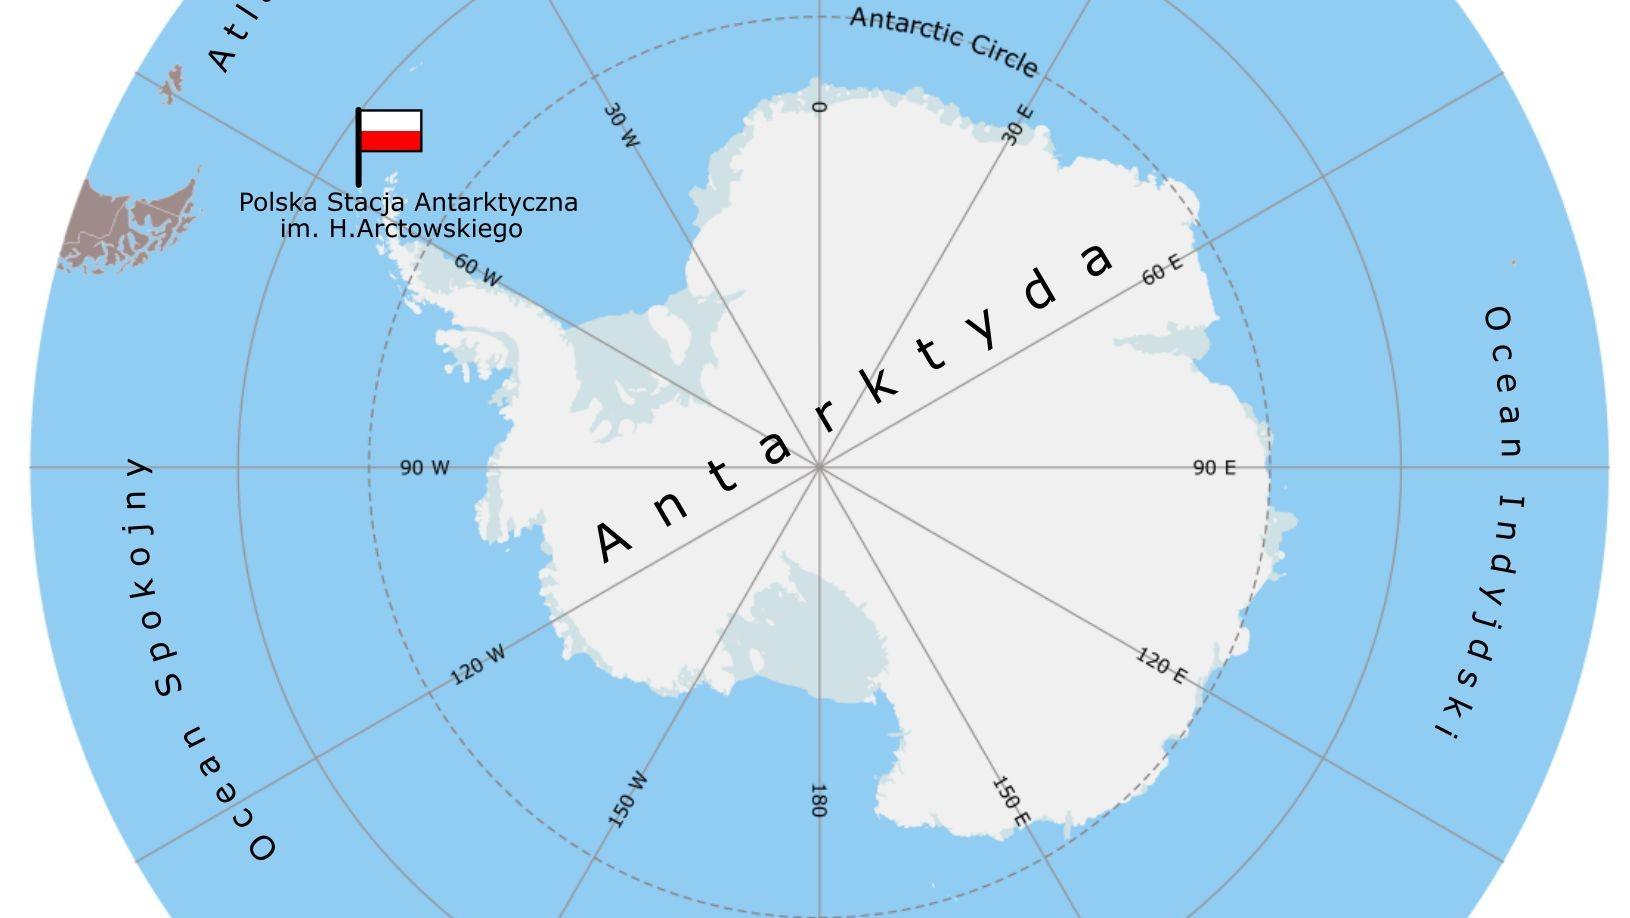 za chlebem wyprawa na antarktydę - arctowski.aq/pl/o-stacji/